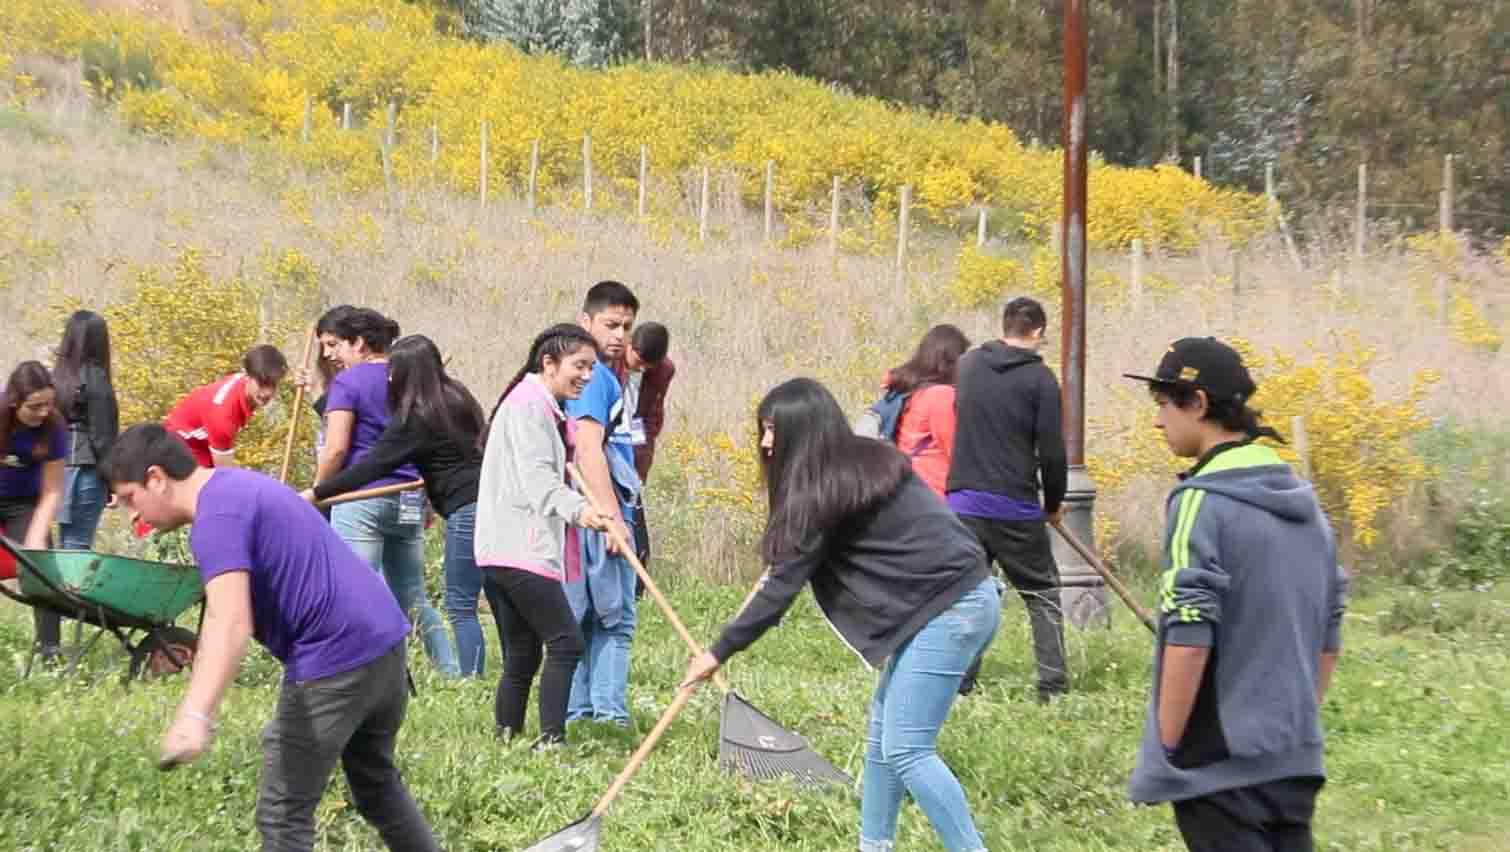 Los desafíos virtuales animan a los jóvenes a marcar la diferencia en la comunidad  Noticias